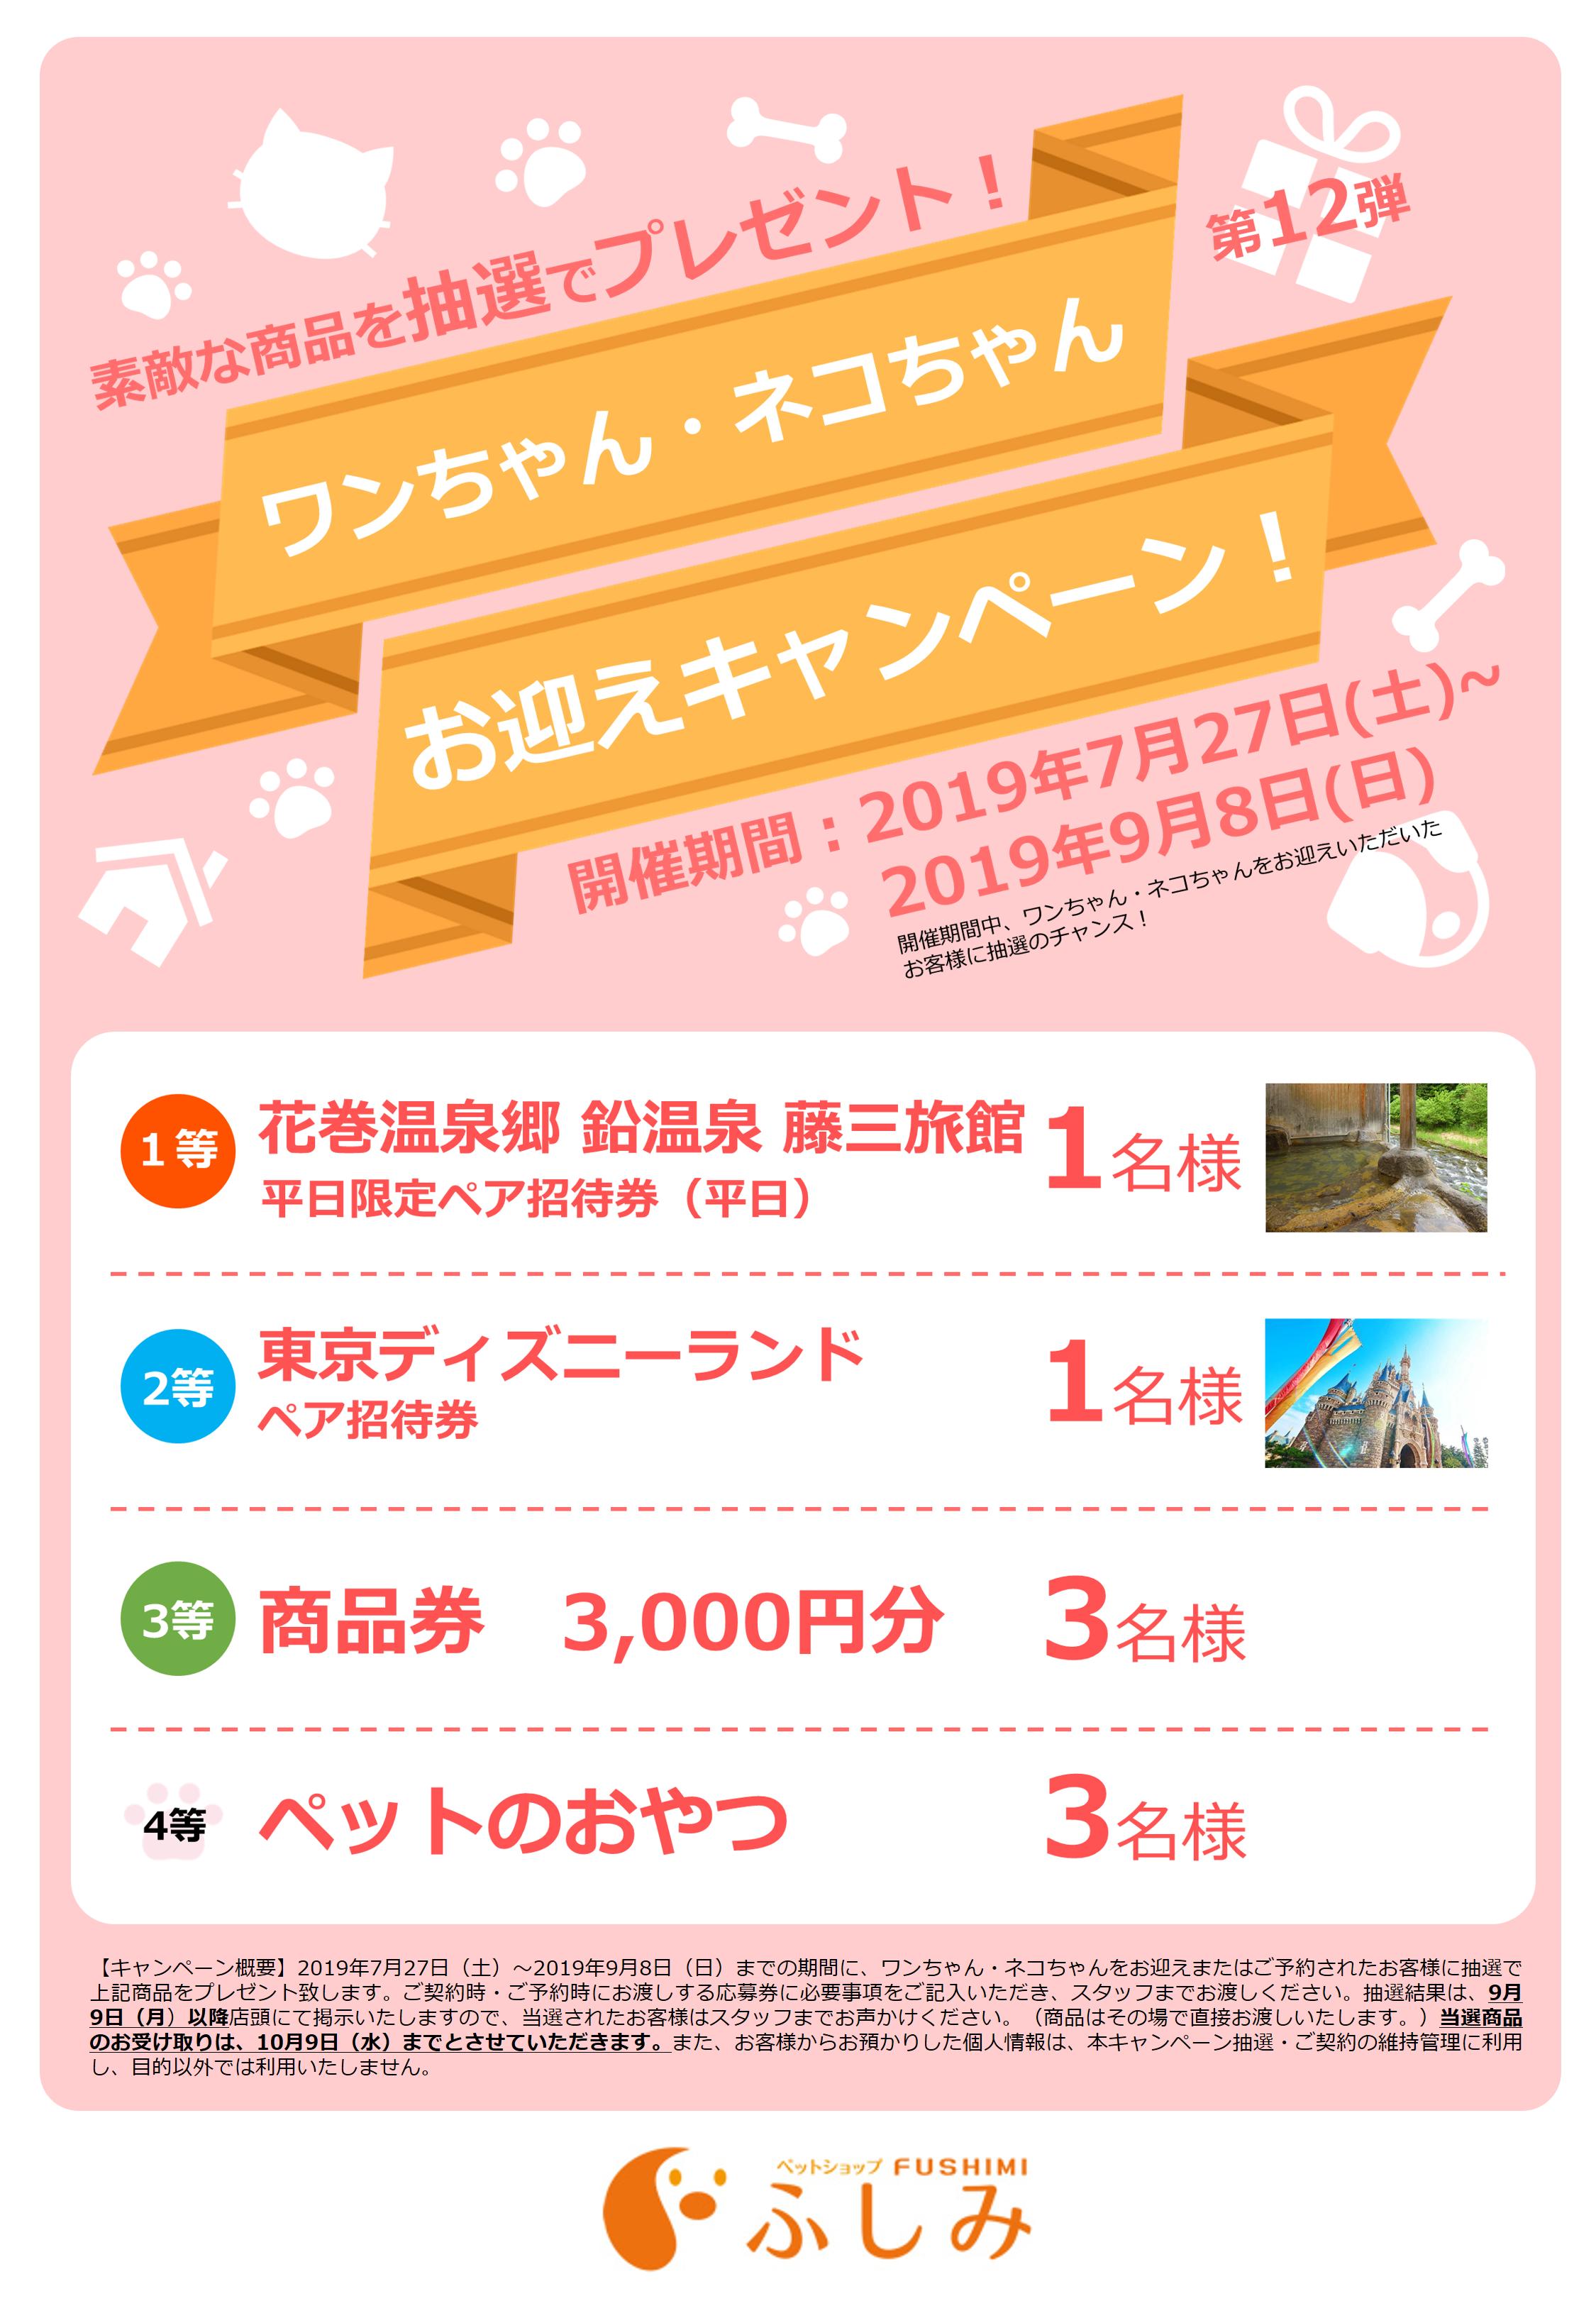 2019年・第12弾・お迎えキャンペーン開催・一関アミーゴ・ふしみ~・~7/27~9/8まで・第31回・TVCM放映・取材風景イベント